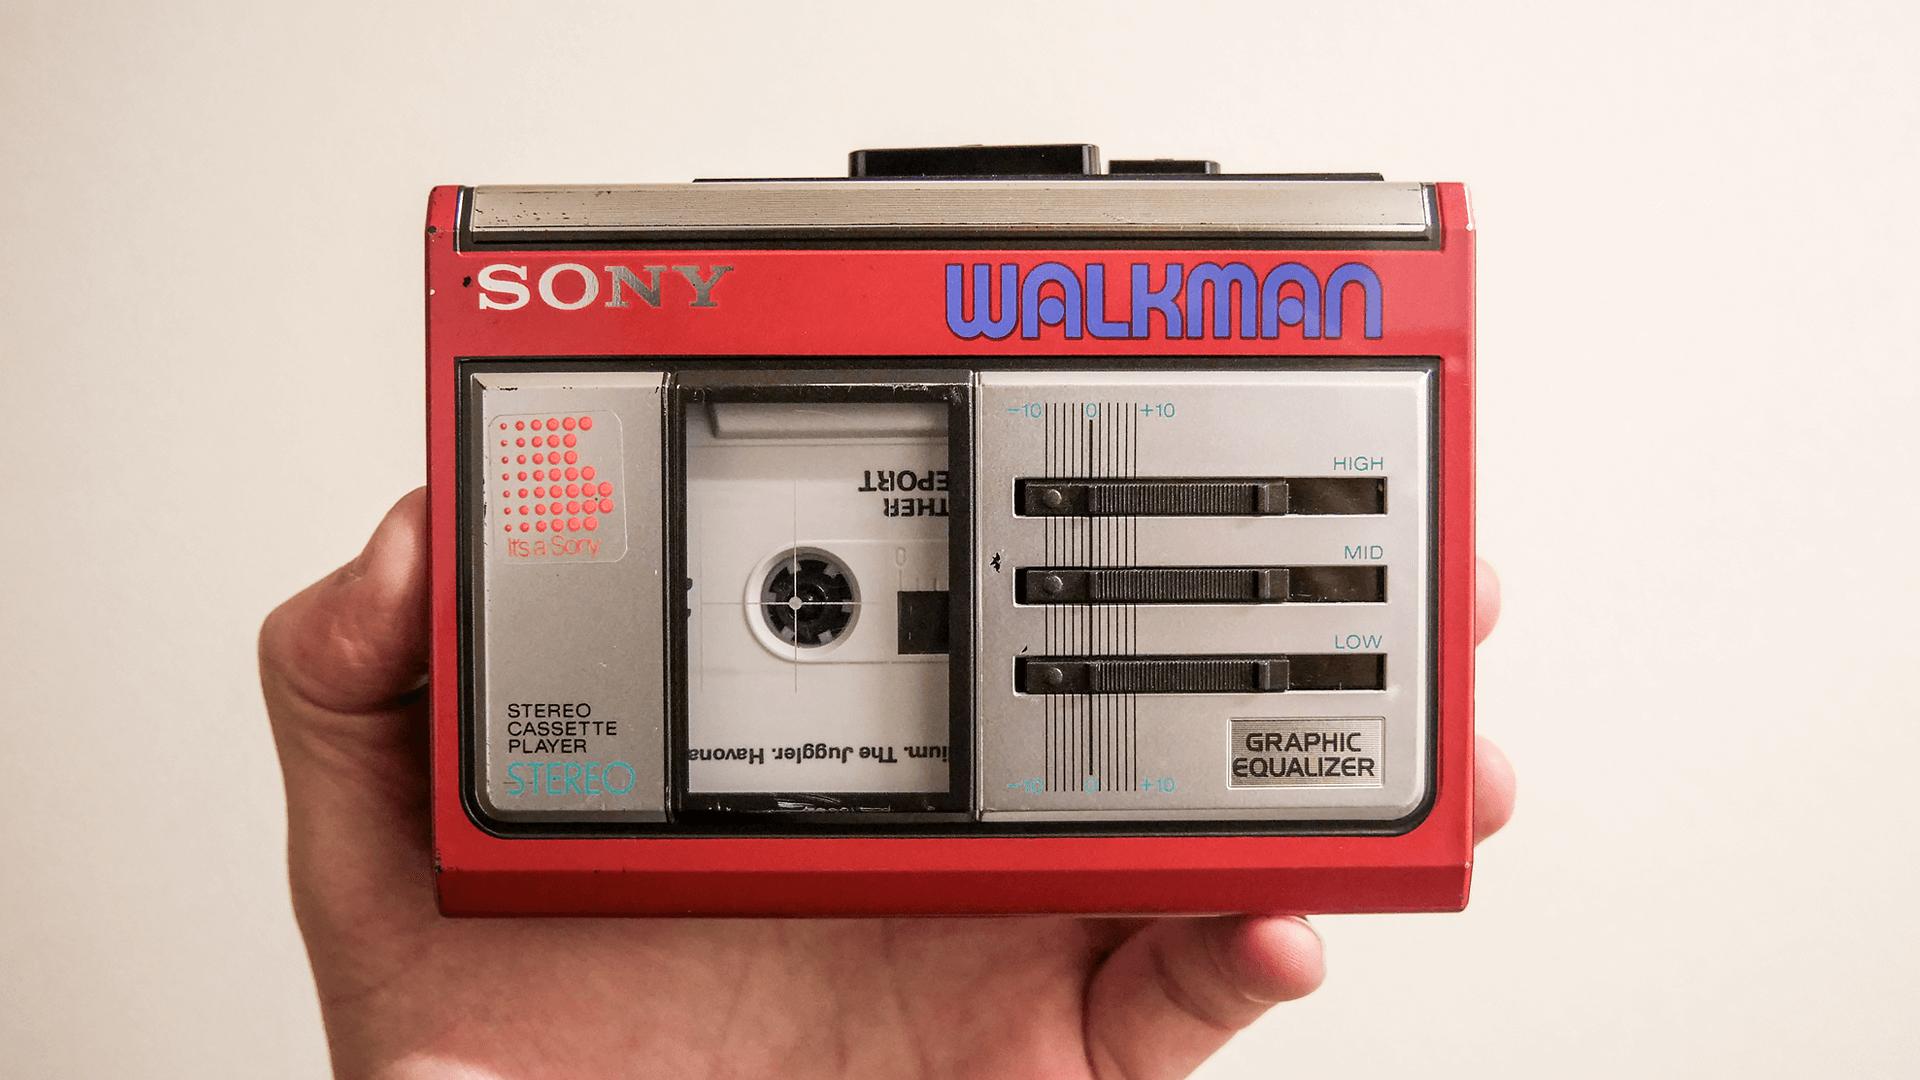 walkman wm-33の正面画像